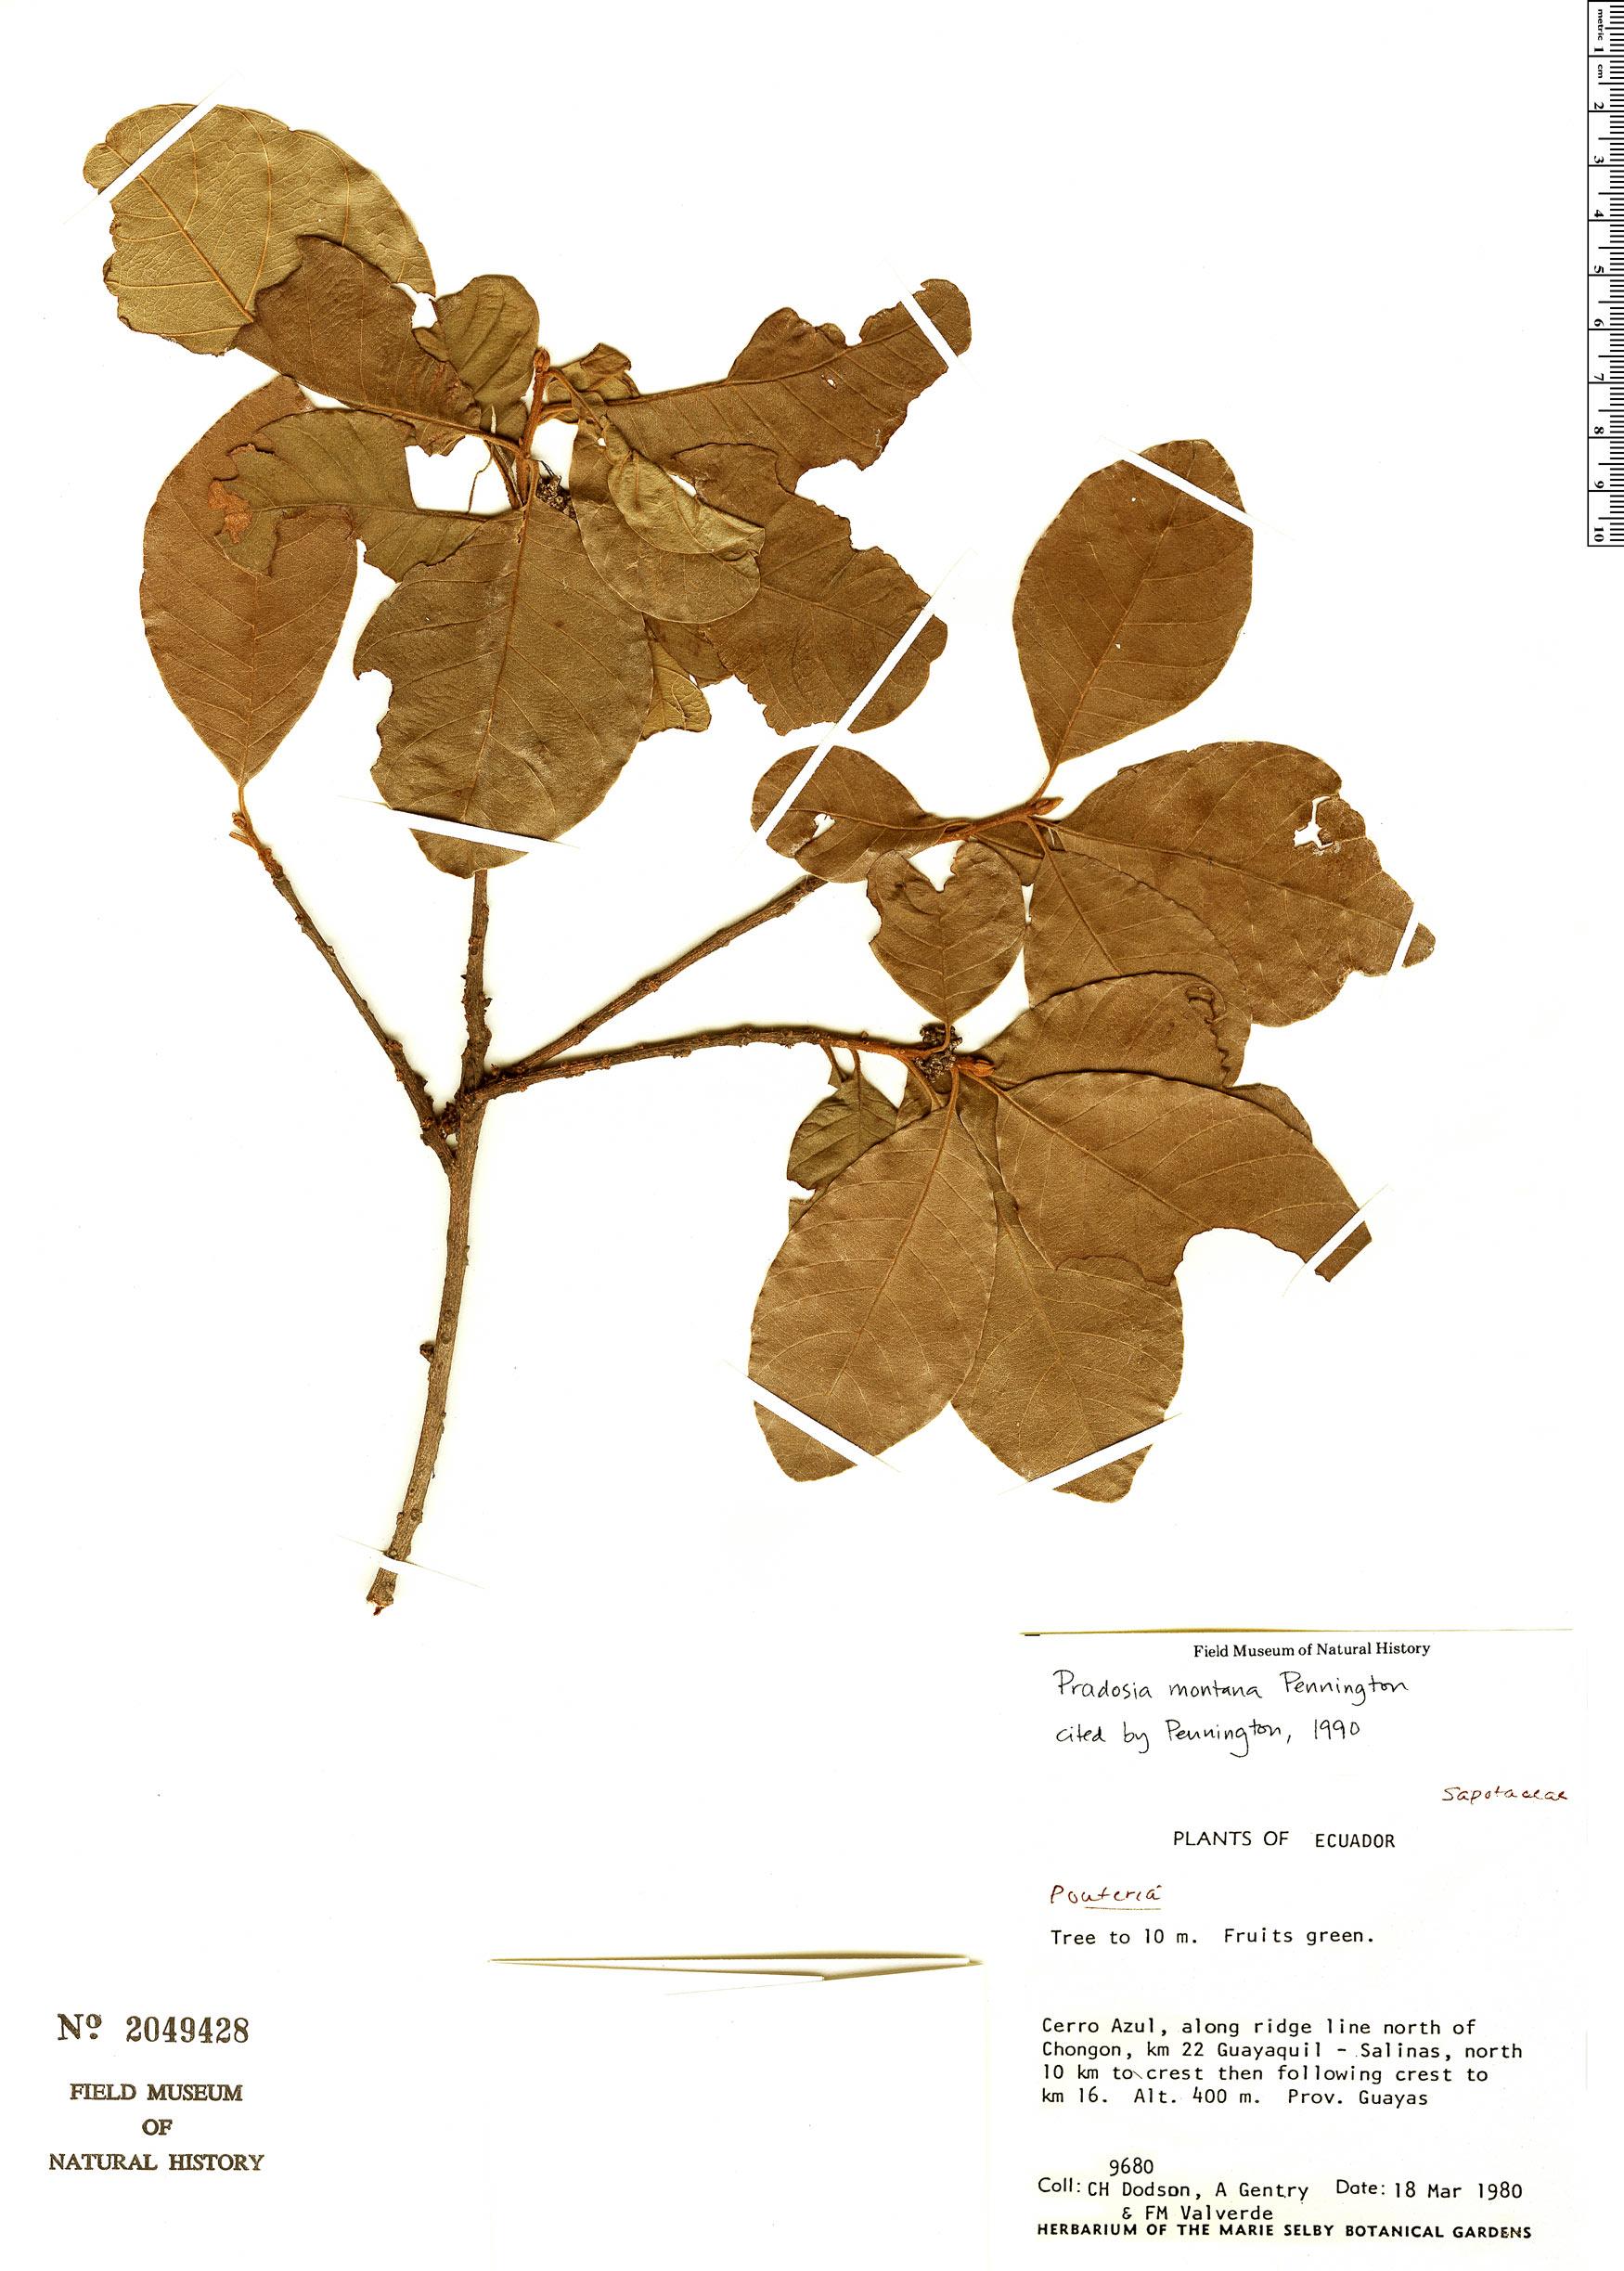 Specimen: Pradosia montana